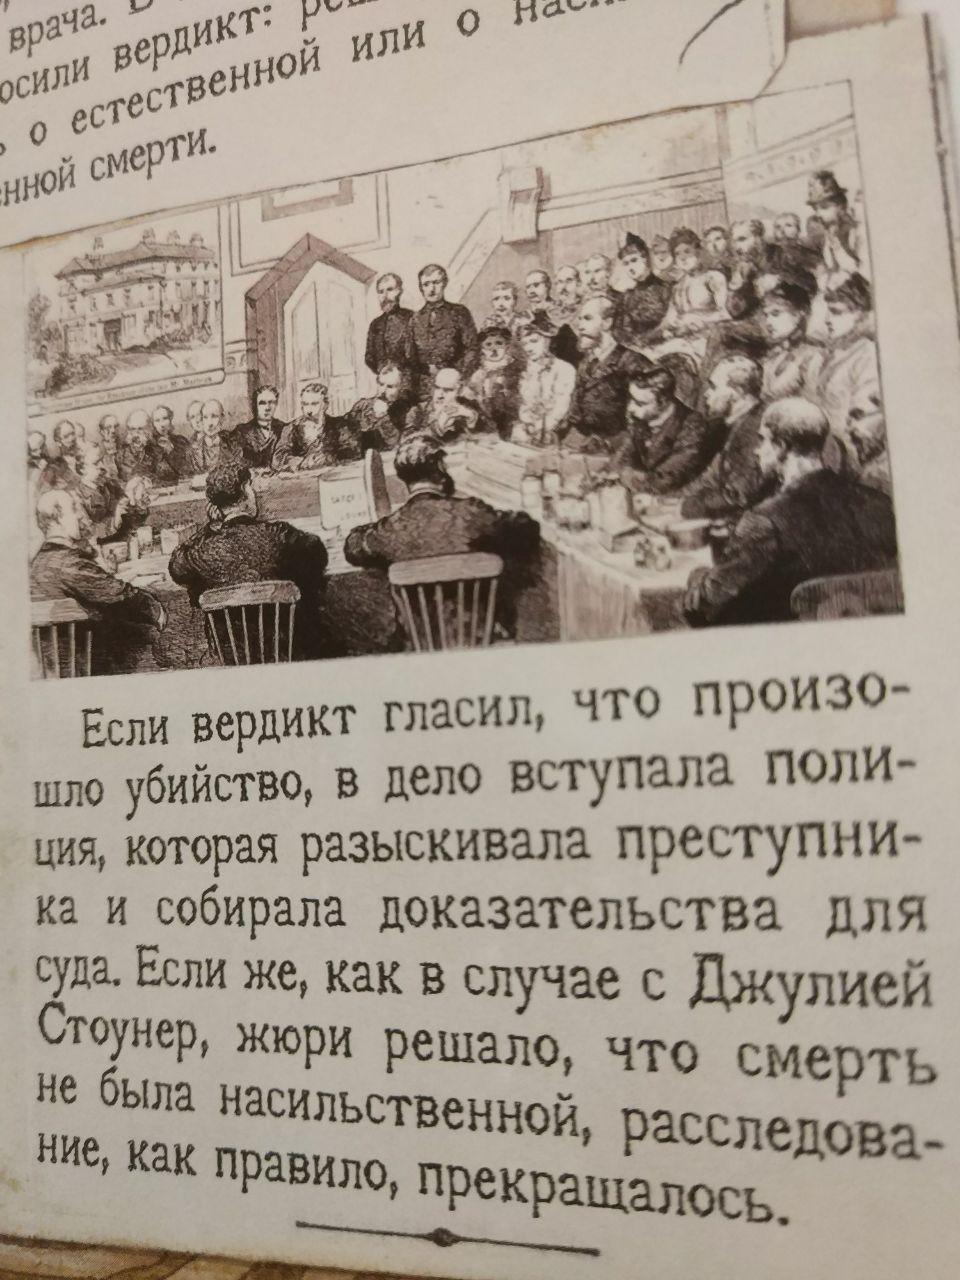 http://sh.uploads.ru/pmAhT.jpg